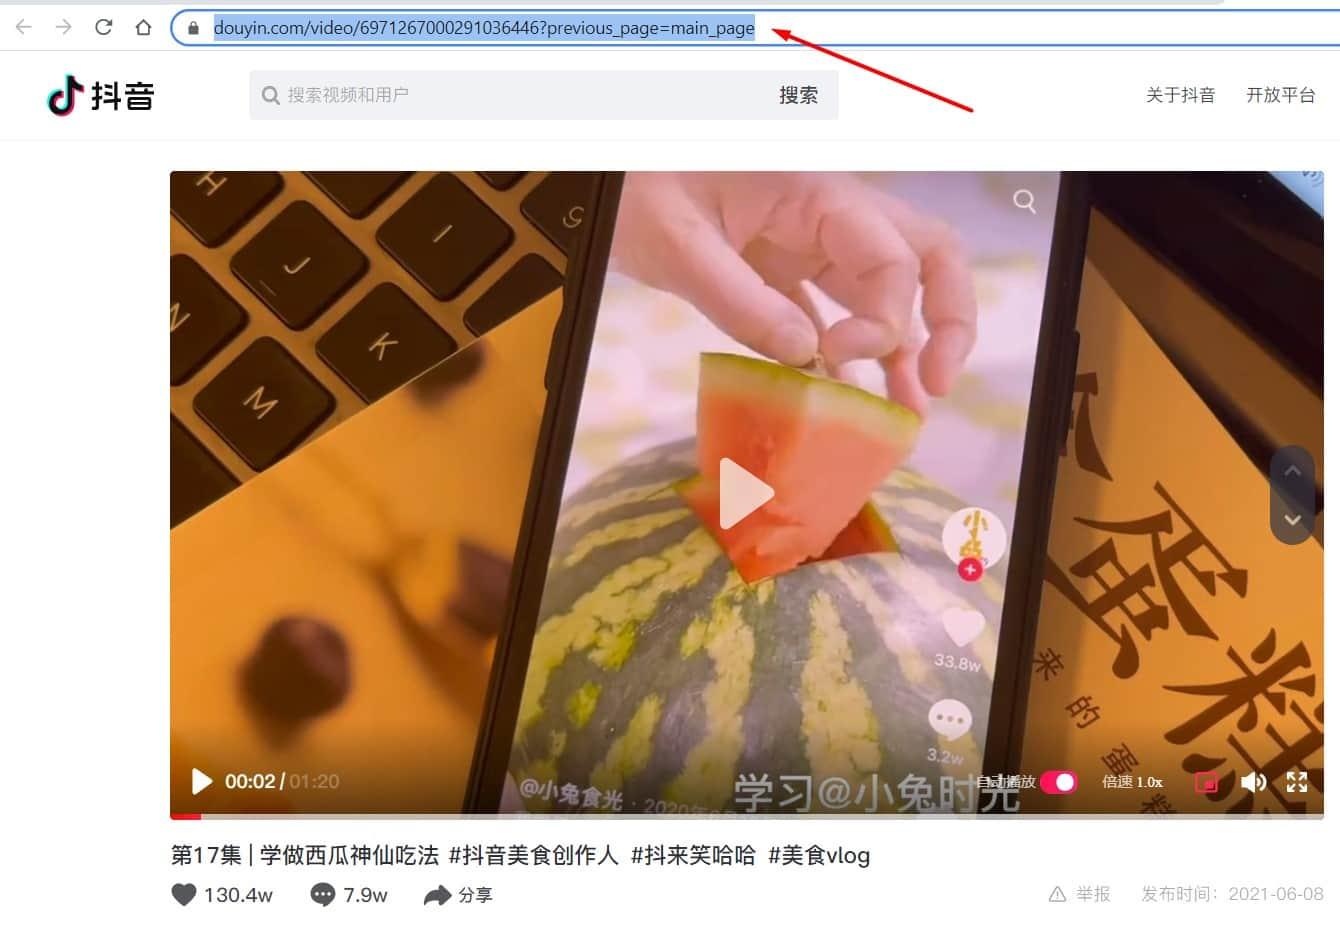 Cách lấy link tải video Douyin trên máy tính